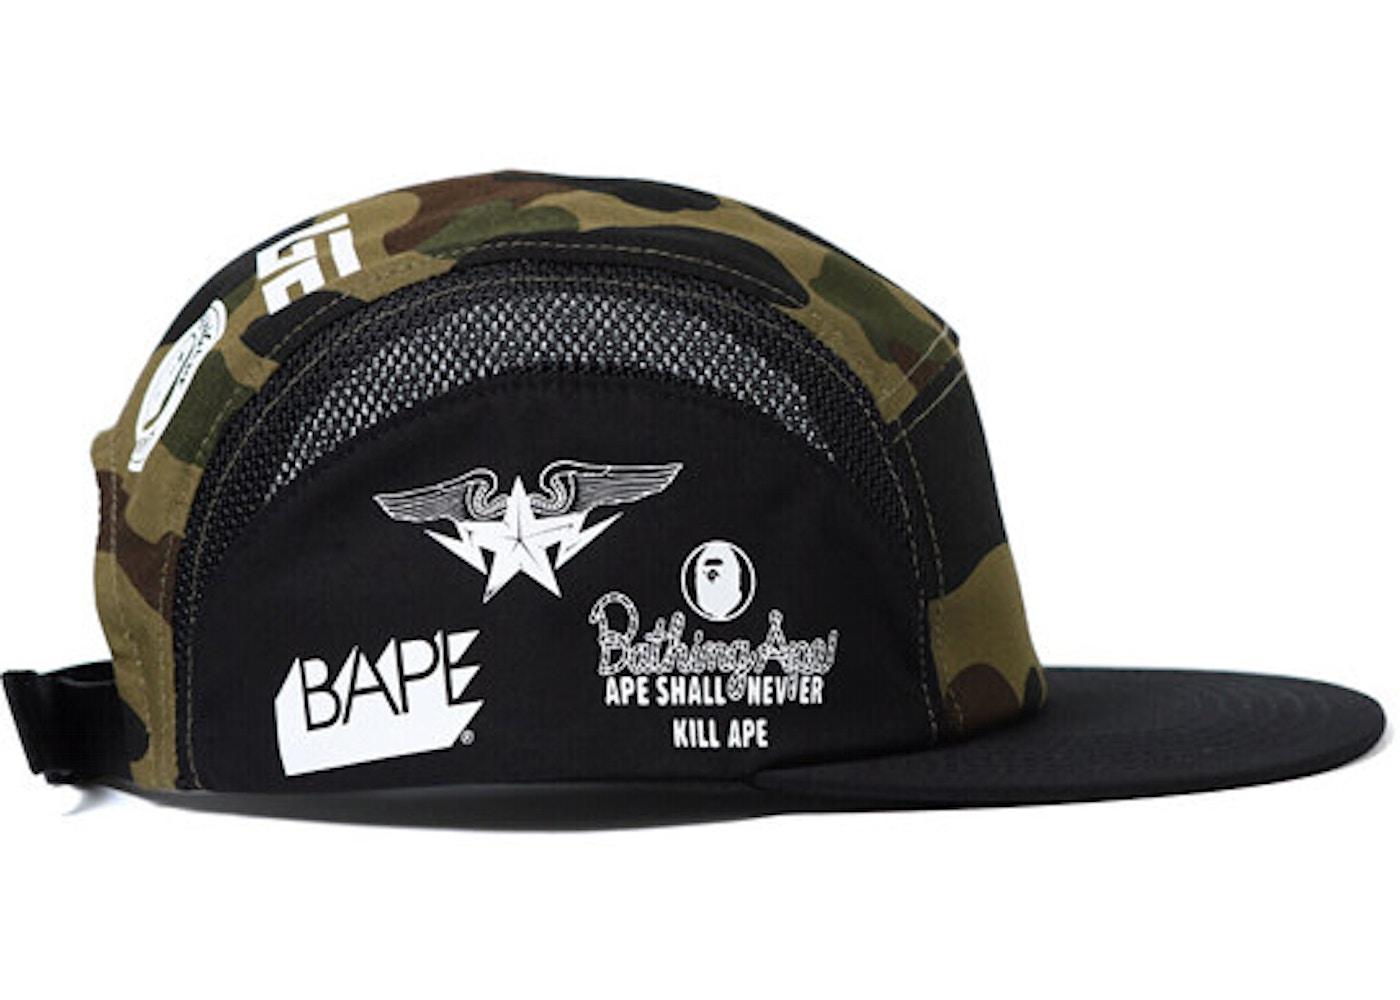 364164614f1af Streetwear - Bape Headwear - Total Sold